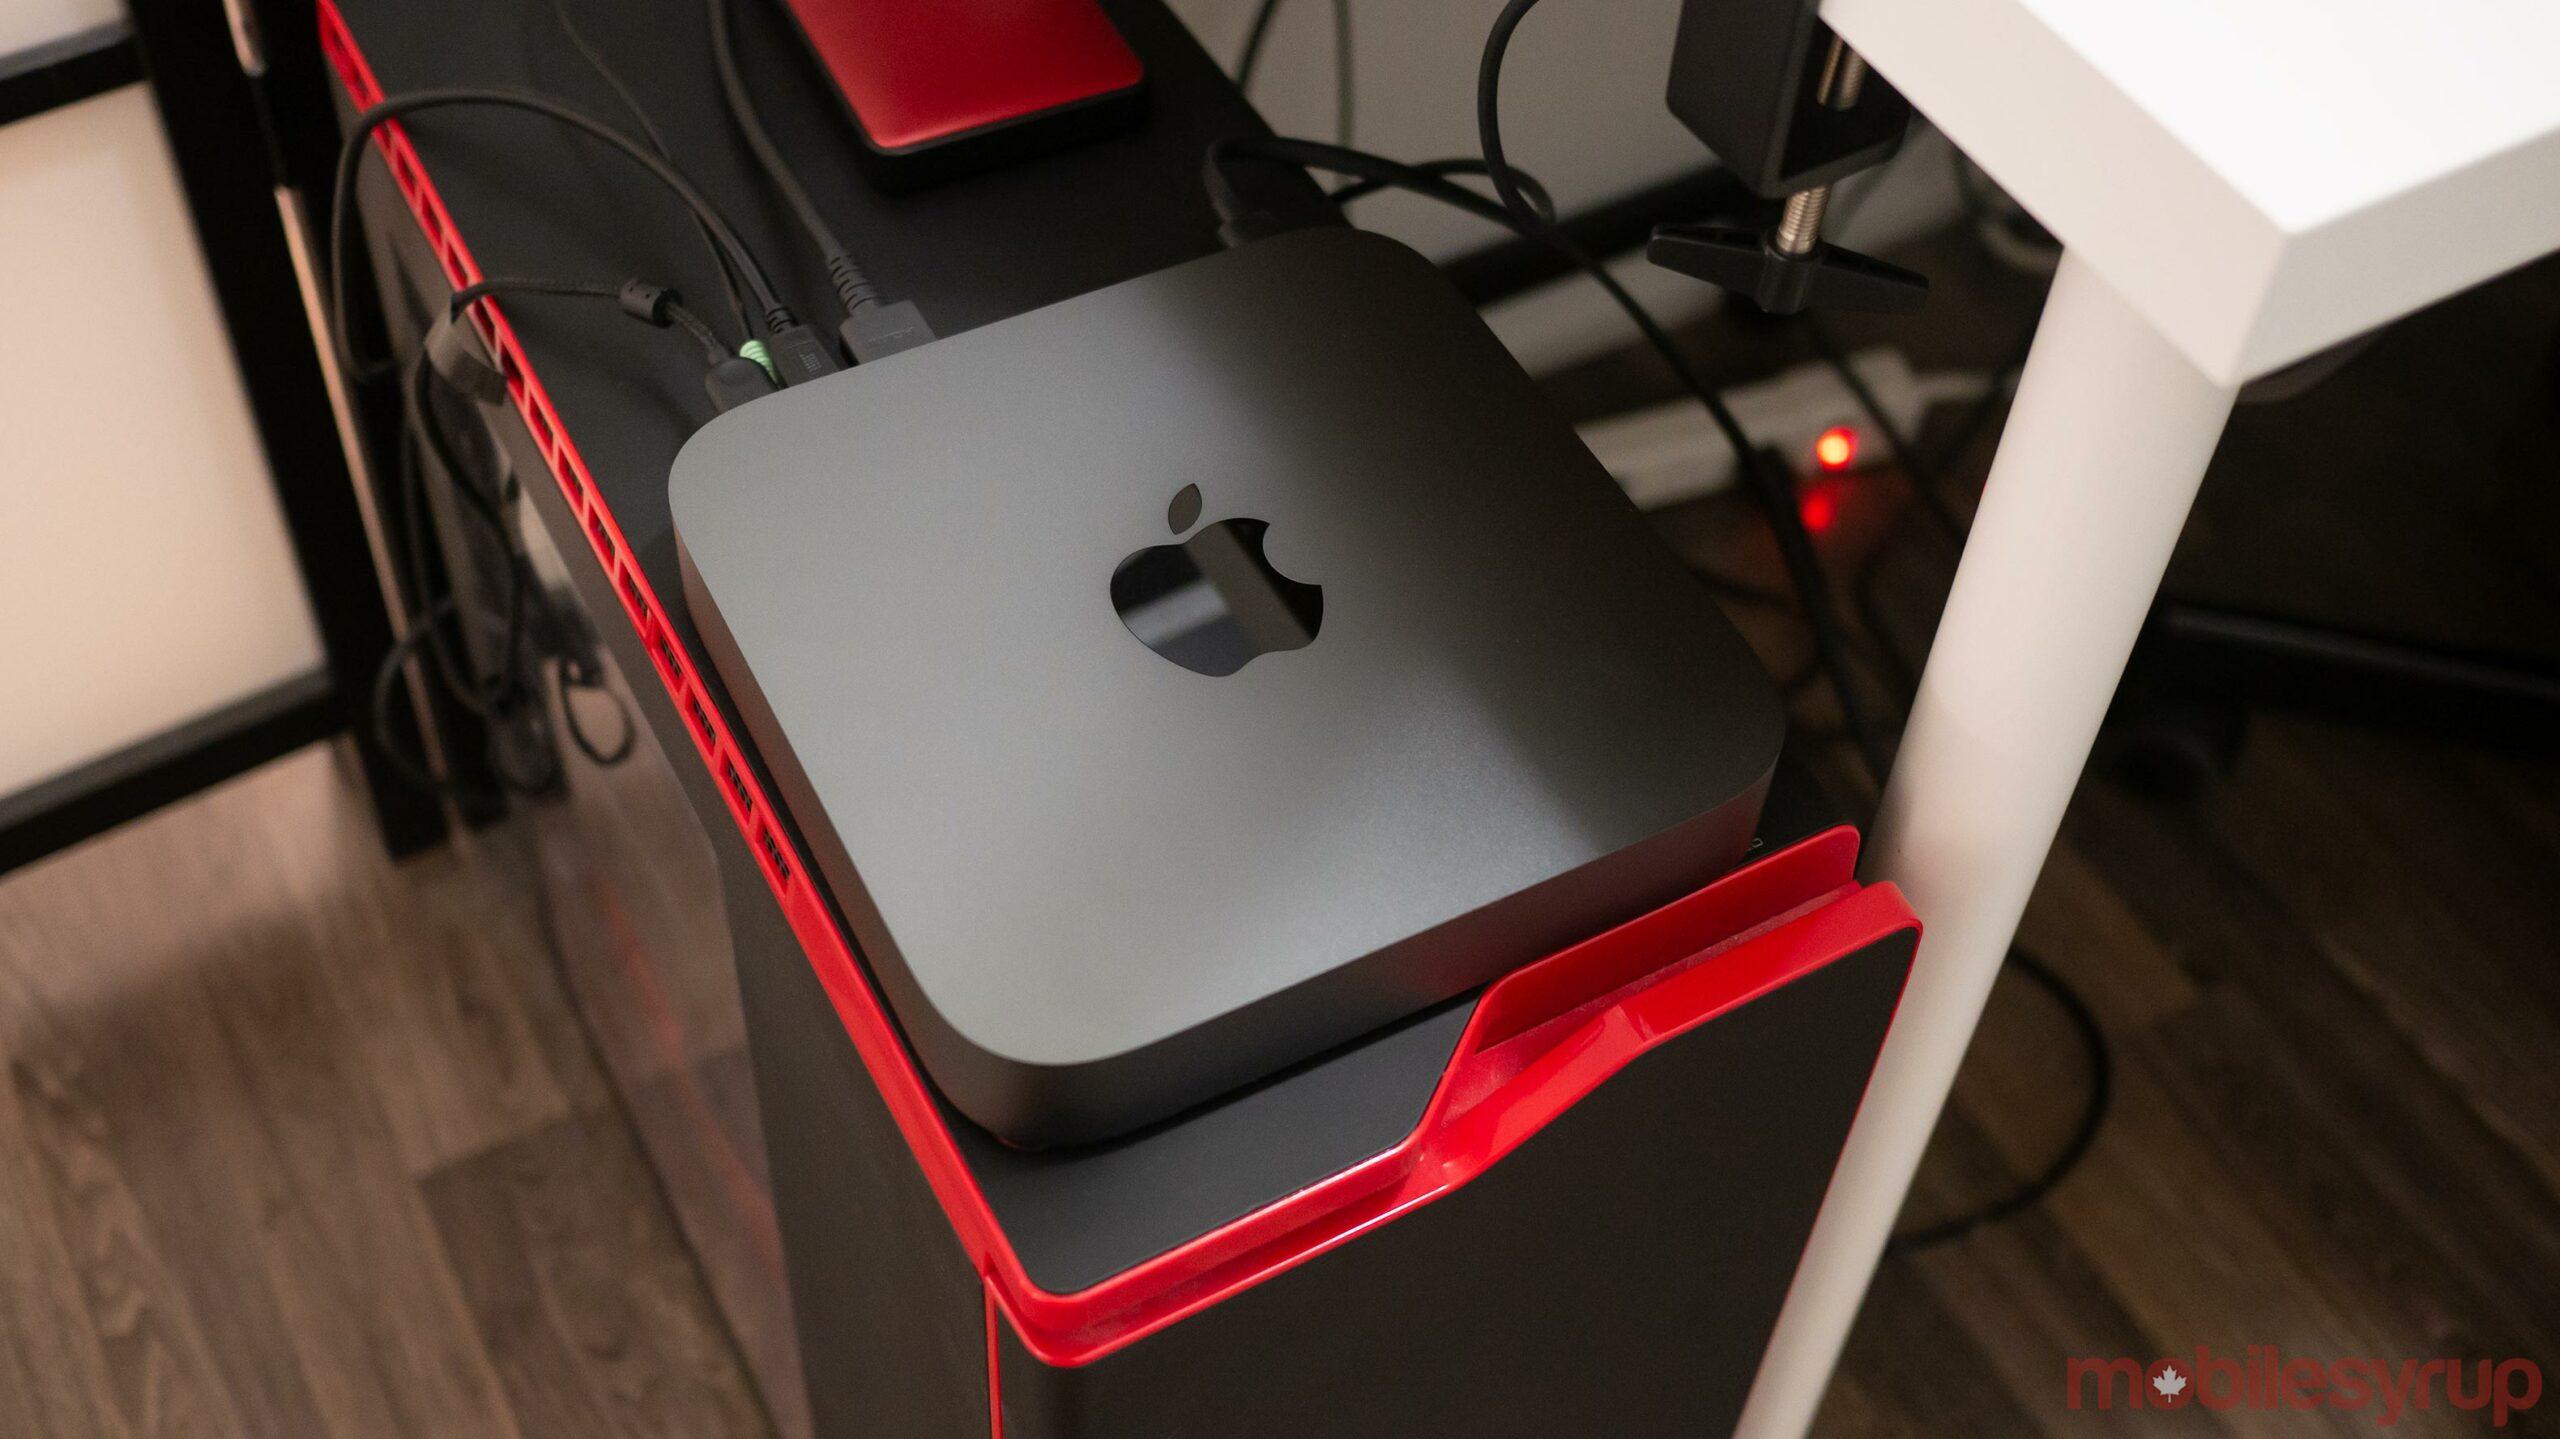 Mac Mini prototype